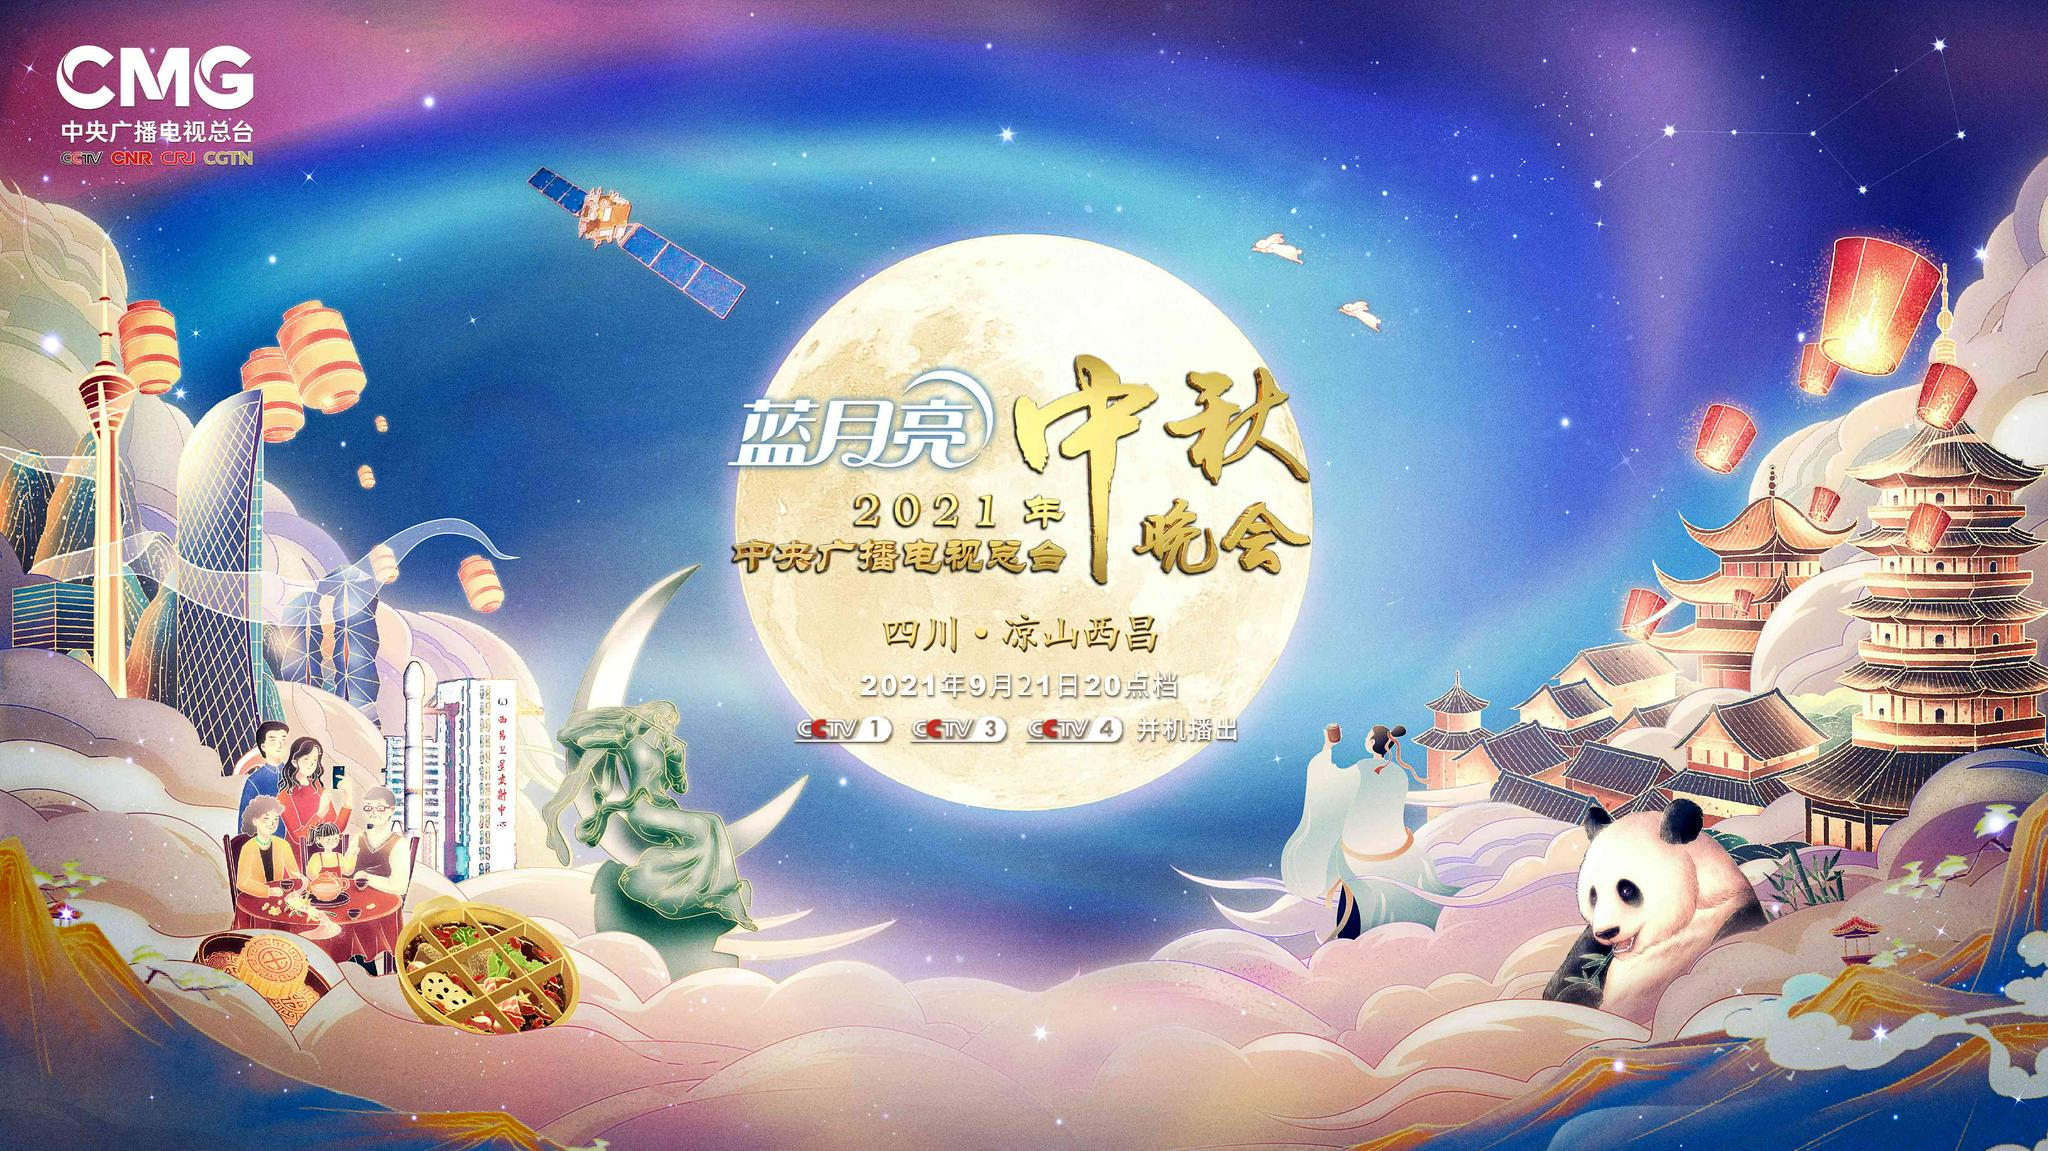 2021年中央广播电视总台中秋晚会在西昌举办